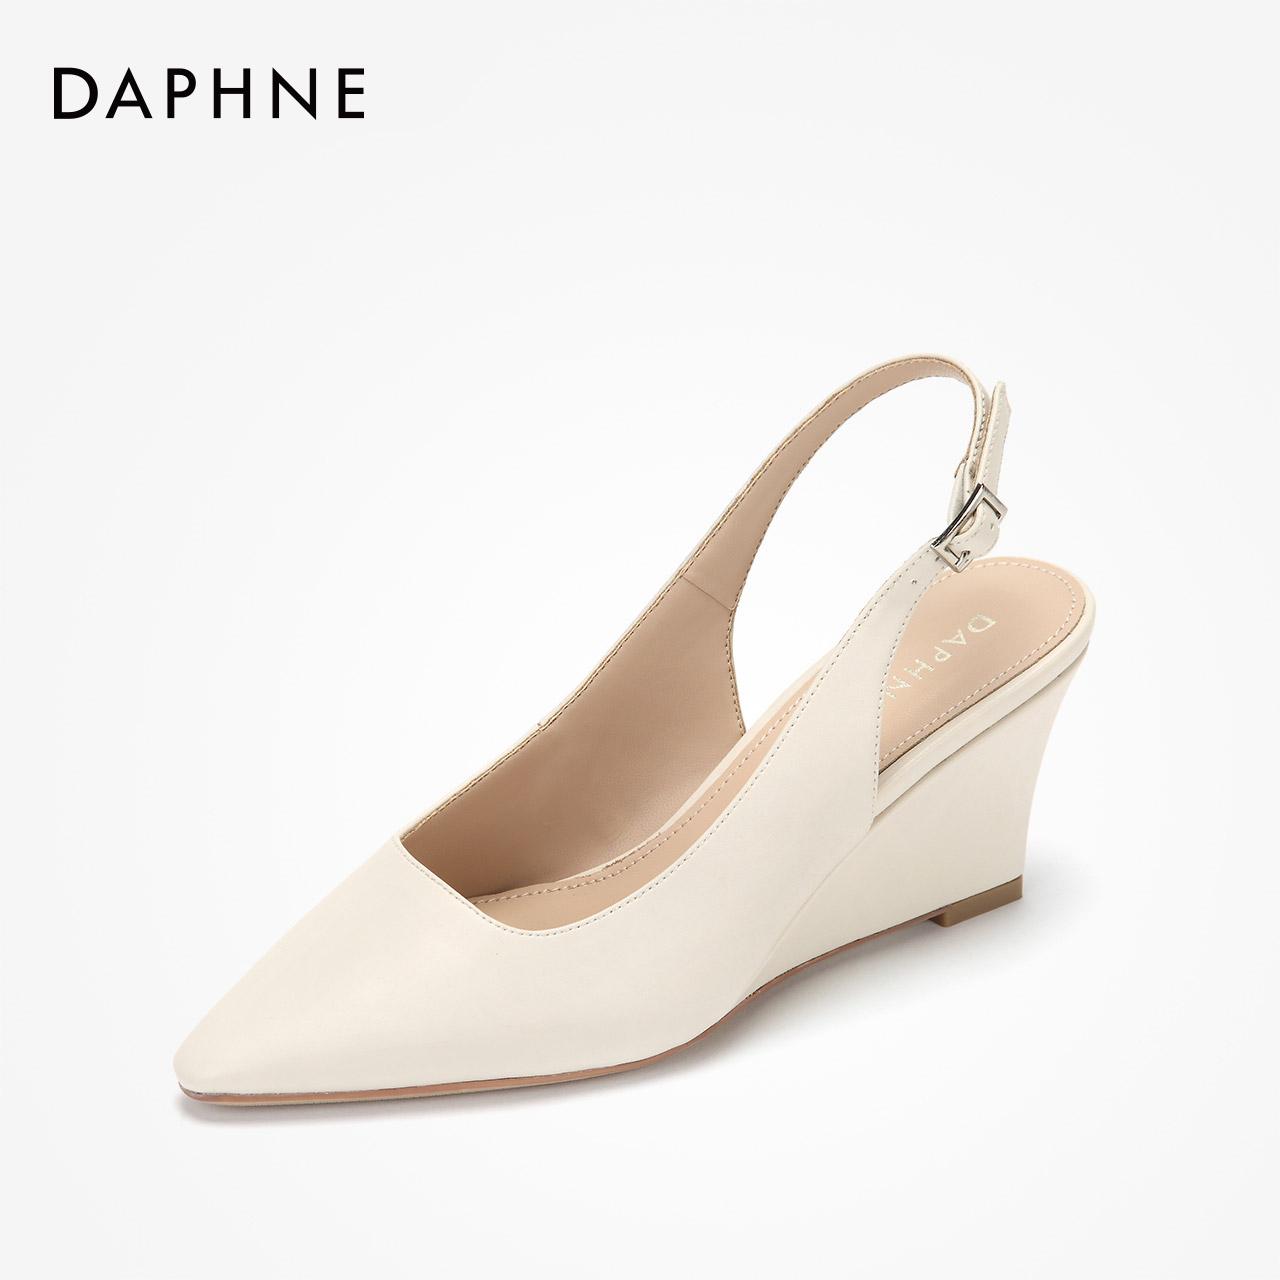 达芙妮坡跟鞋 达芙妮女鞋坡跟单鞋2019春单鞋女浅口后空时装鞋方头粗跟鞋_推荐淘宝好看的达芙妮坡跟鞋